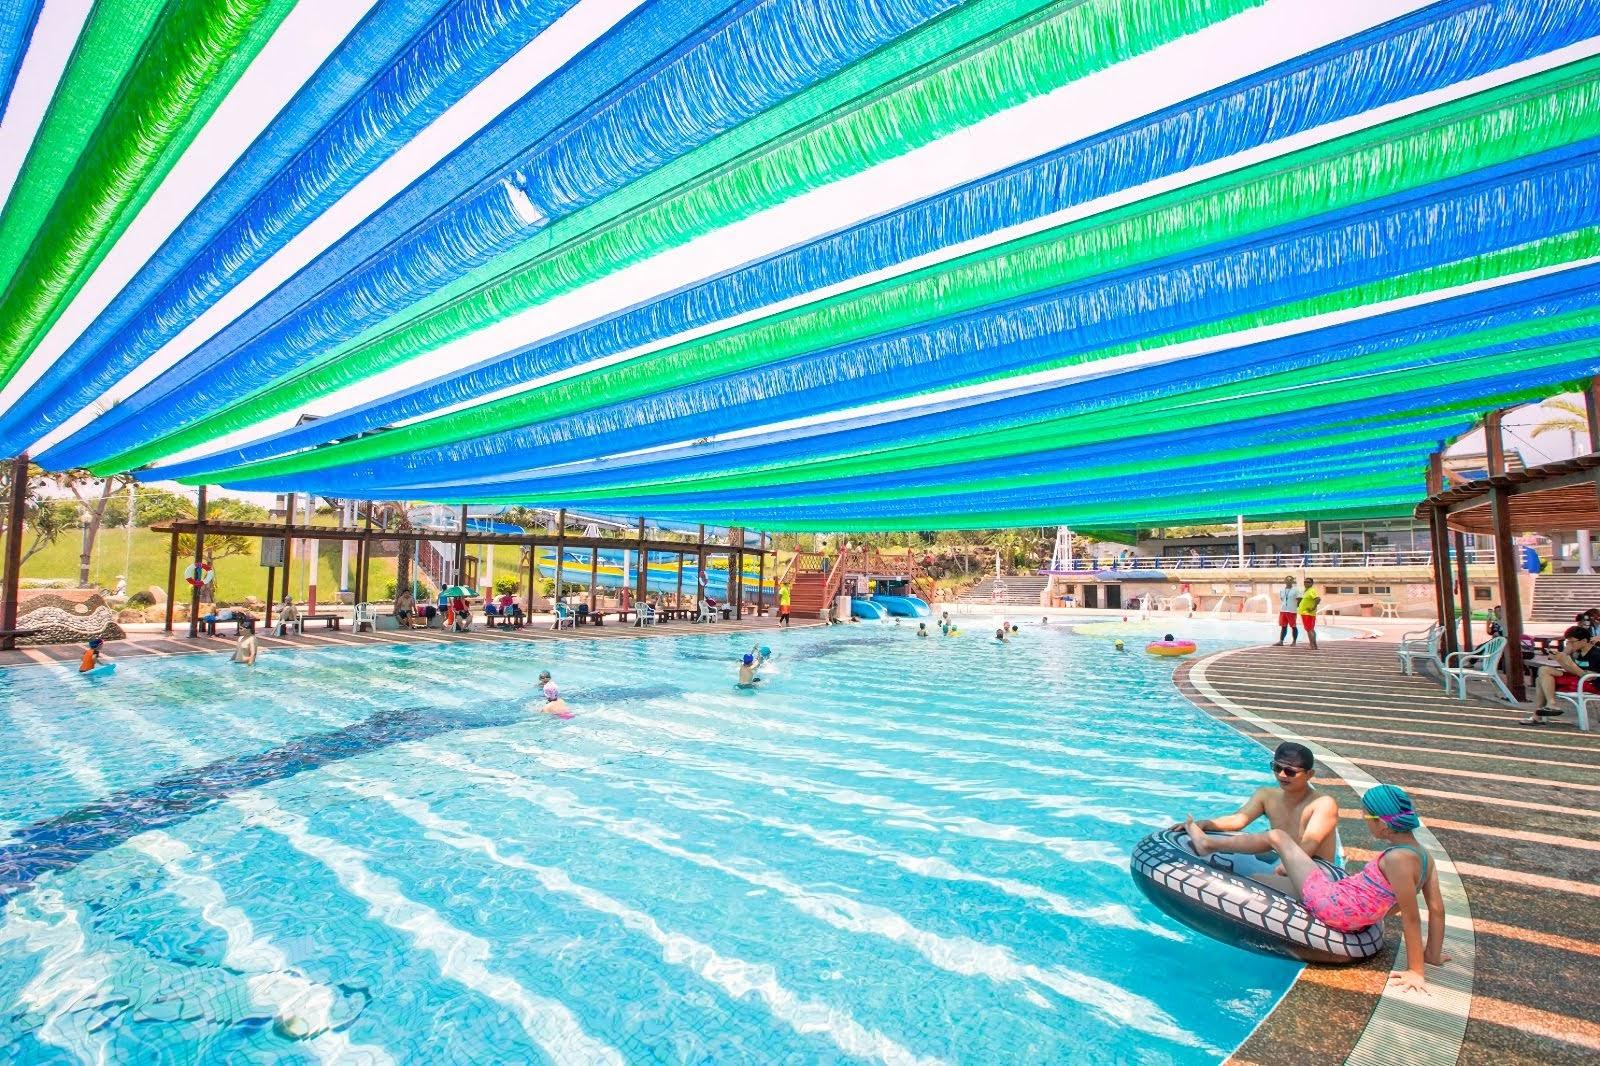 [活動] 可以玩水囉~六歲以下兒童免費入園!烏山頭親水公園7/1開放